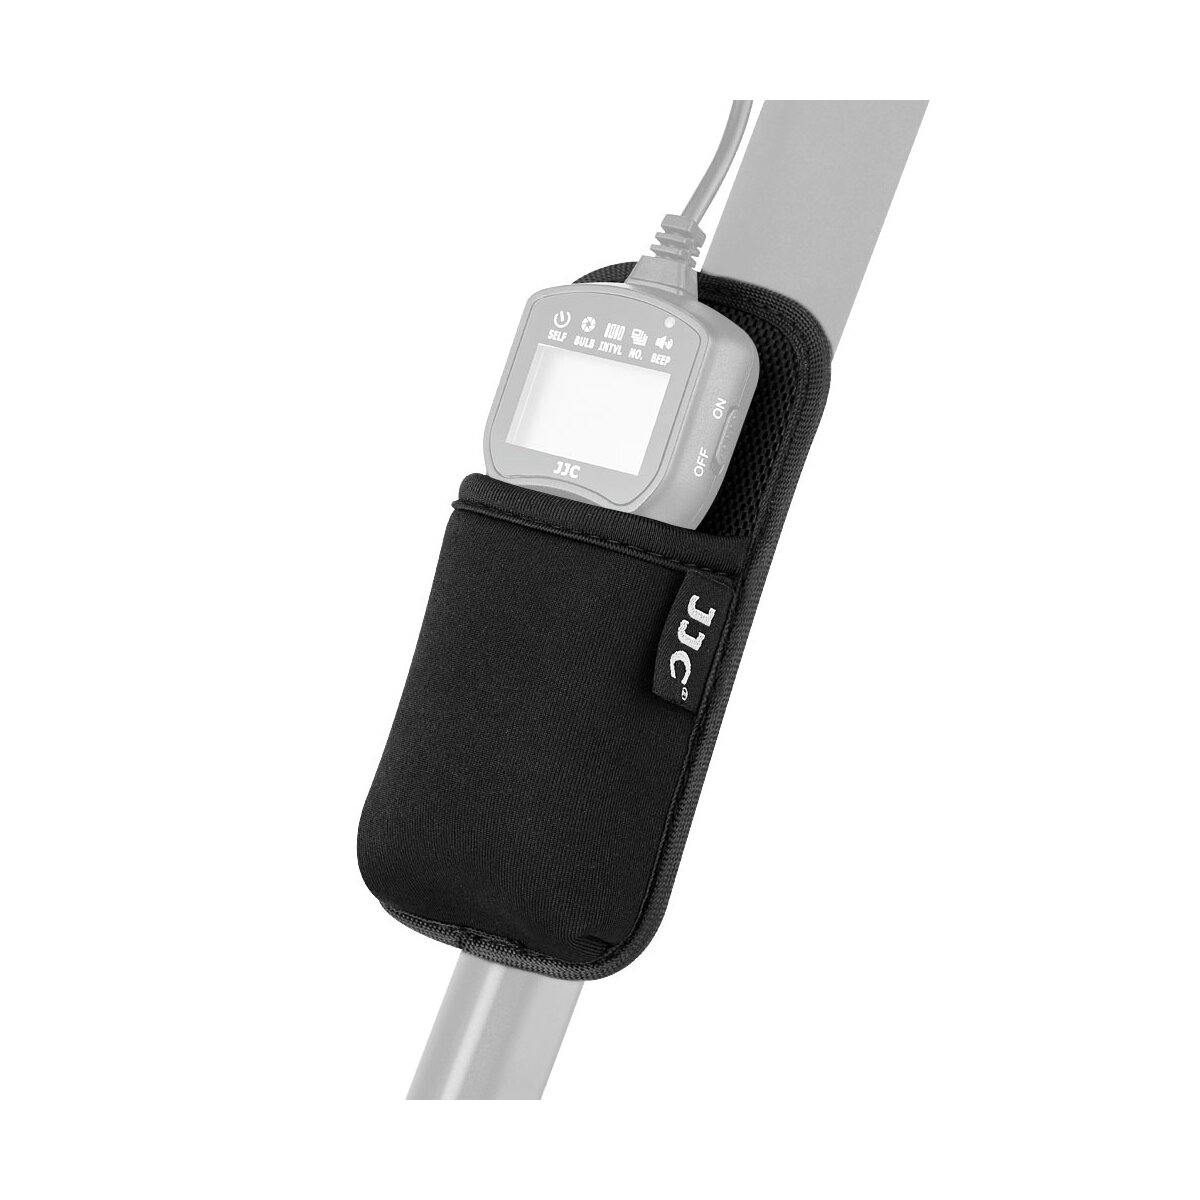 Impulsfoto JJC RCH-TM Fernbedienungshalter Aufbewahrungstasche für JJC TM Serie, WT-868, MT-636, Fernbedienungen (auch für SMDV Timer passend) | Hochwertiges Material